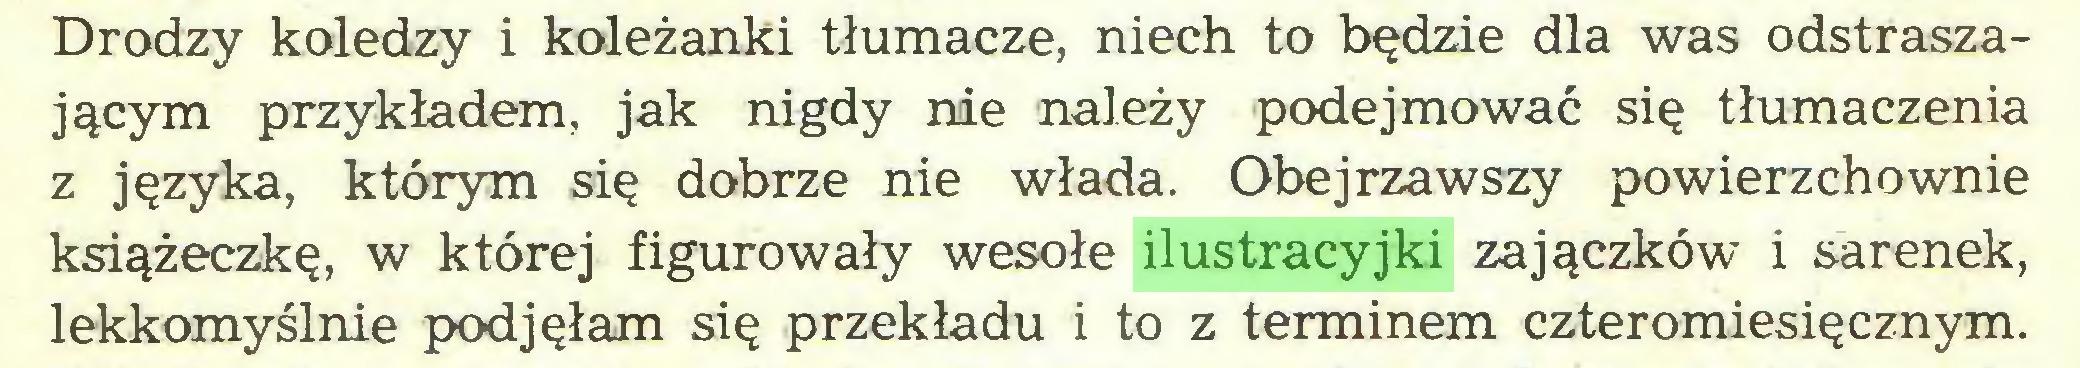 (...) Drodzy koledzy i koleżanki tłumacze, niech to będzie dla was odstraszającym przykładem, jak nigdy nie należy podejmować się tłumaczenia z języka, którym się dobrze nie włada. Obejrzawszy powierzchownie książeczkę, w której figurowały wesołe ilustracyjki zajączków i sarenek, lekkomyślnie podjęłam się przekładu i to z terminem czteromiesięcznym...